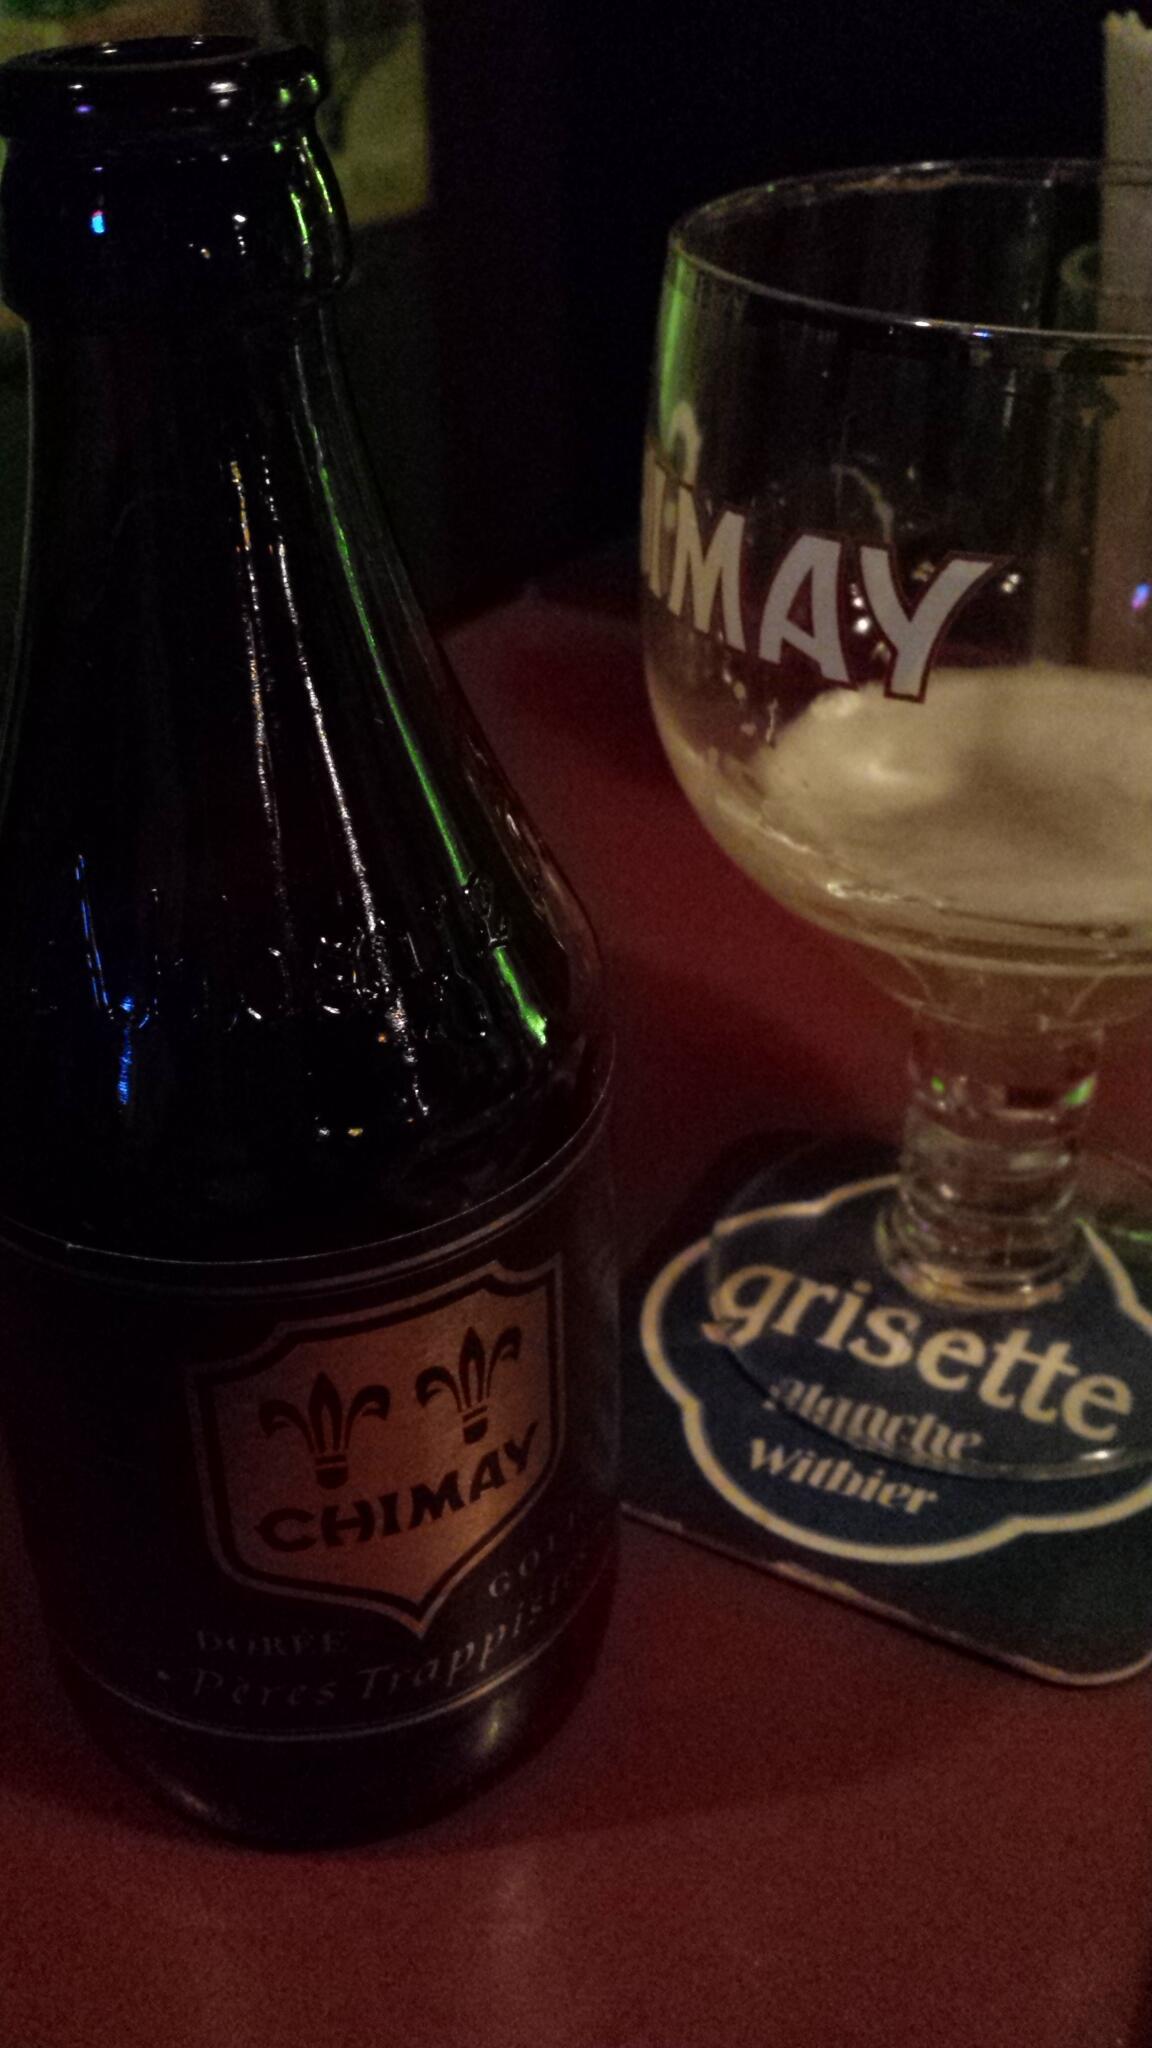 ベルギービール「シメイ」といえば、ブルー、レッド、ホワイトが一般的ですが、幻のブラック(ゴールドと呼ばれることも)もあるんです!正式にはシメイドレーと言うらしいですよ~。日本で呑めるのは珍しい(^o^) http://t.co/cFb3gi5je3